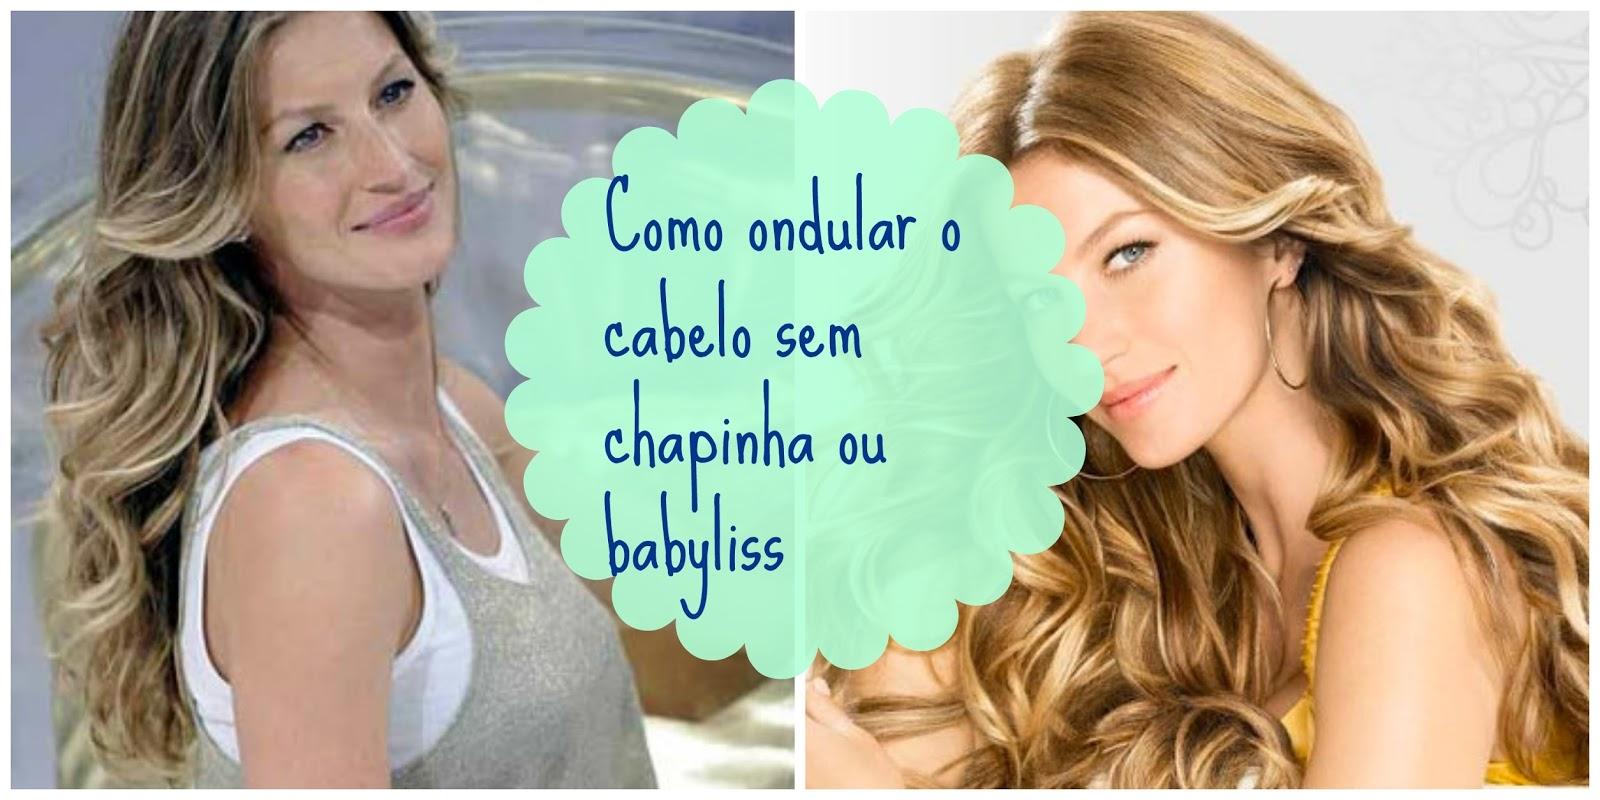 Preferência Bruna Lavínia: Como ondular o cabelo sem chapinha ou babyliss GY35